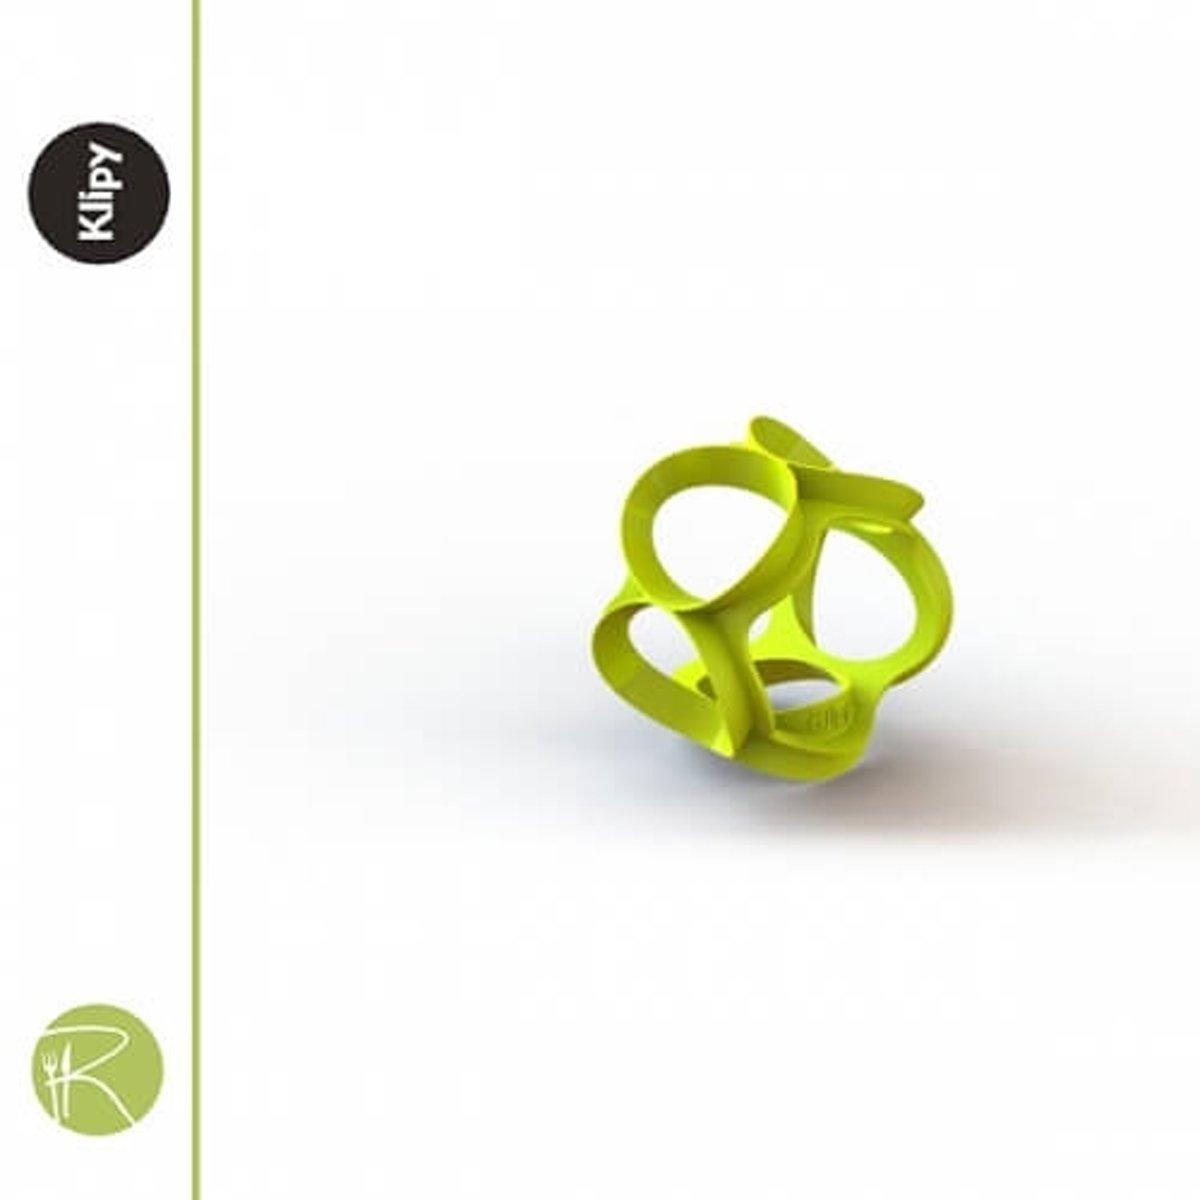 Deegsnijder - Klipy Design - Rolldo kopen